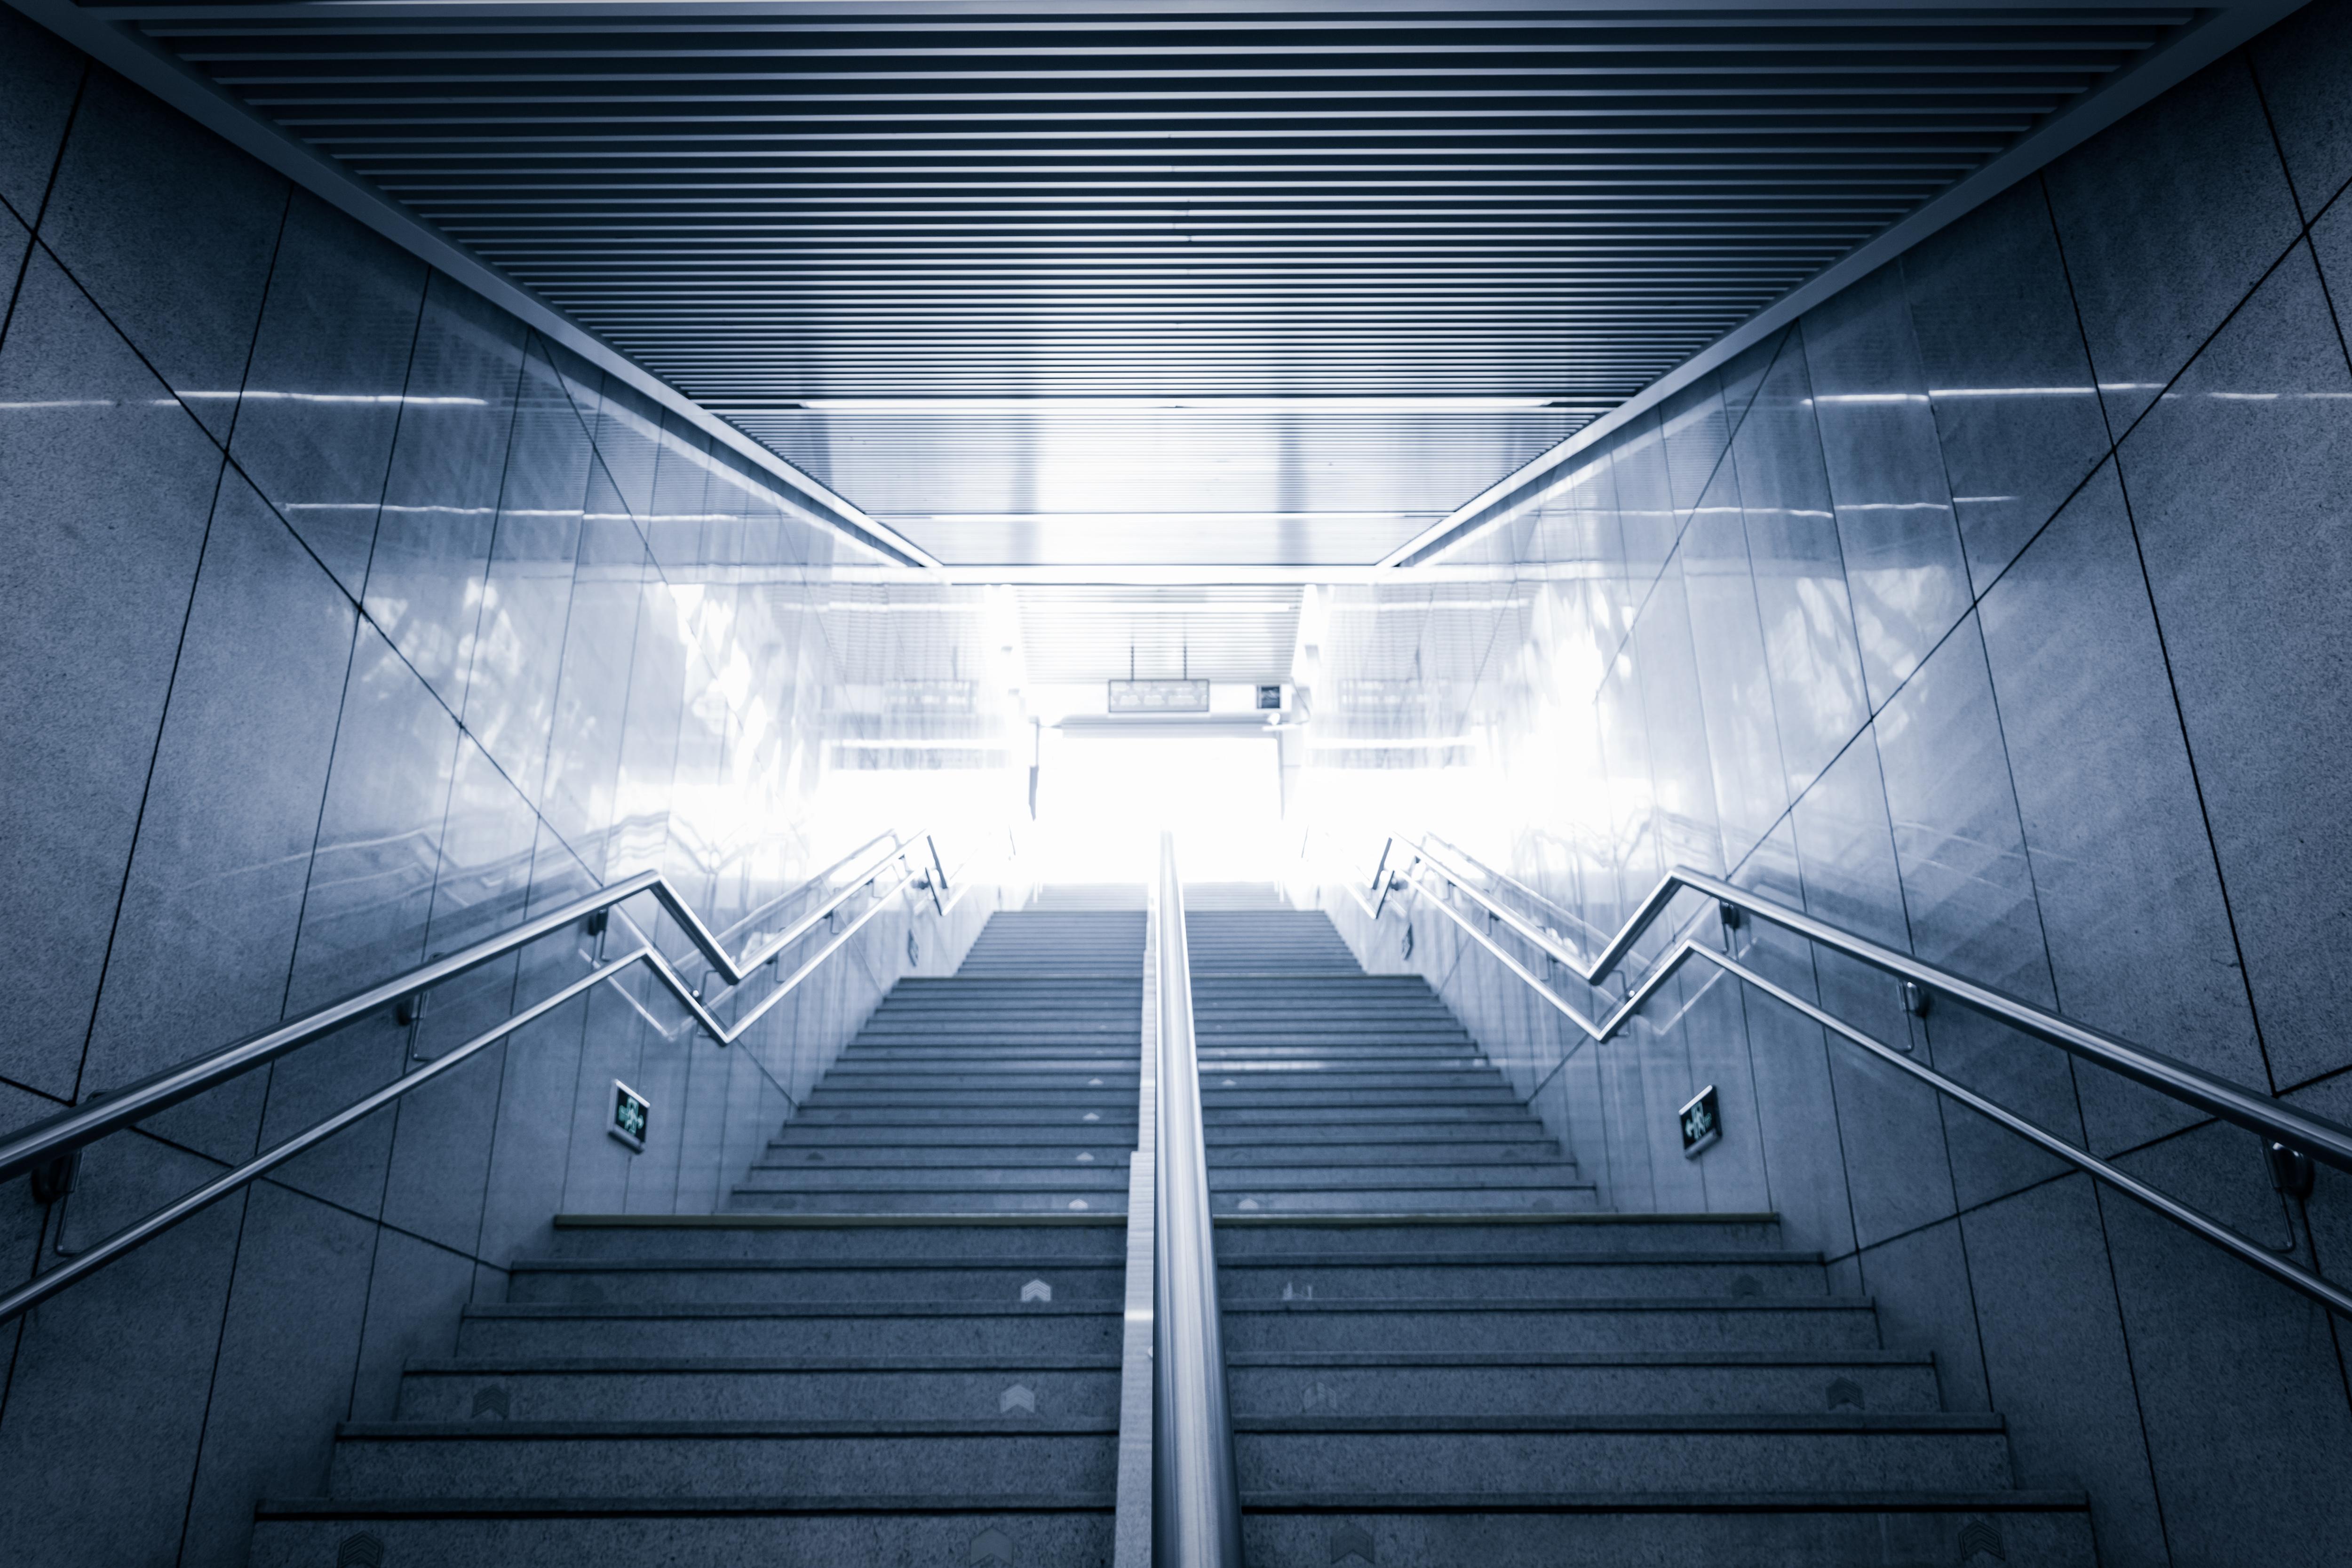 Treppe mit beidseitigem Handlauf in einem öffentlichen Gebäude